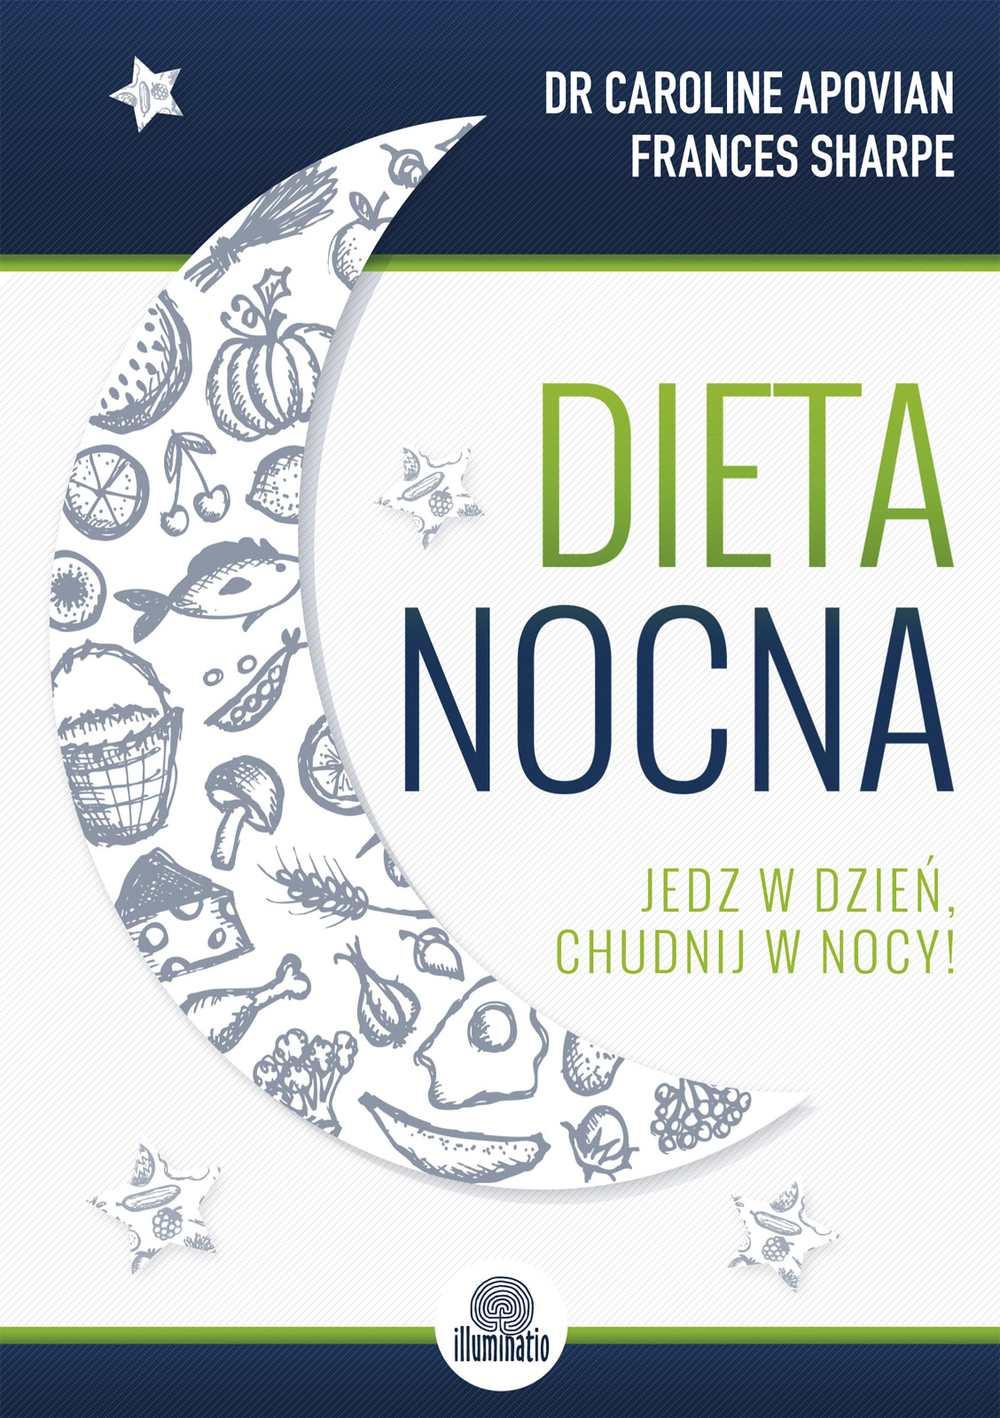 Dieta nocna. Jedz w dzień, chudnij w nocy! - Ebook (Książka na Kindle) do pobrania w formacie MOBI